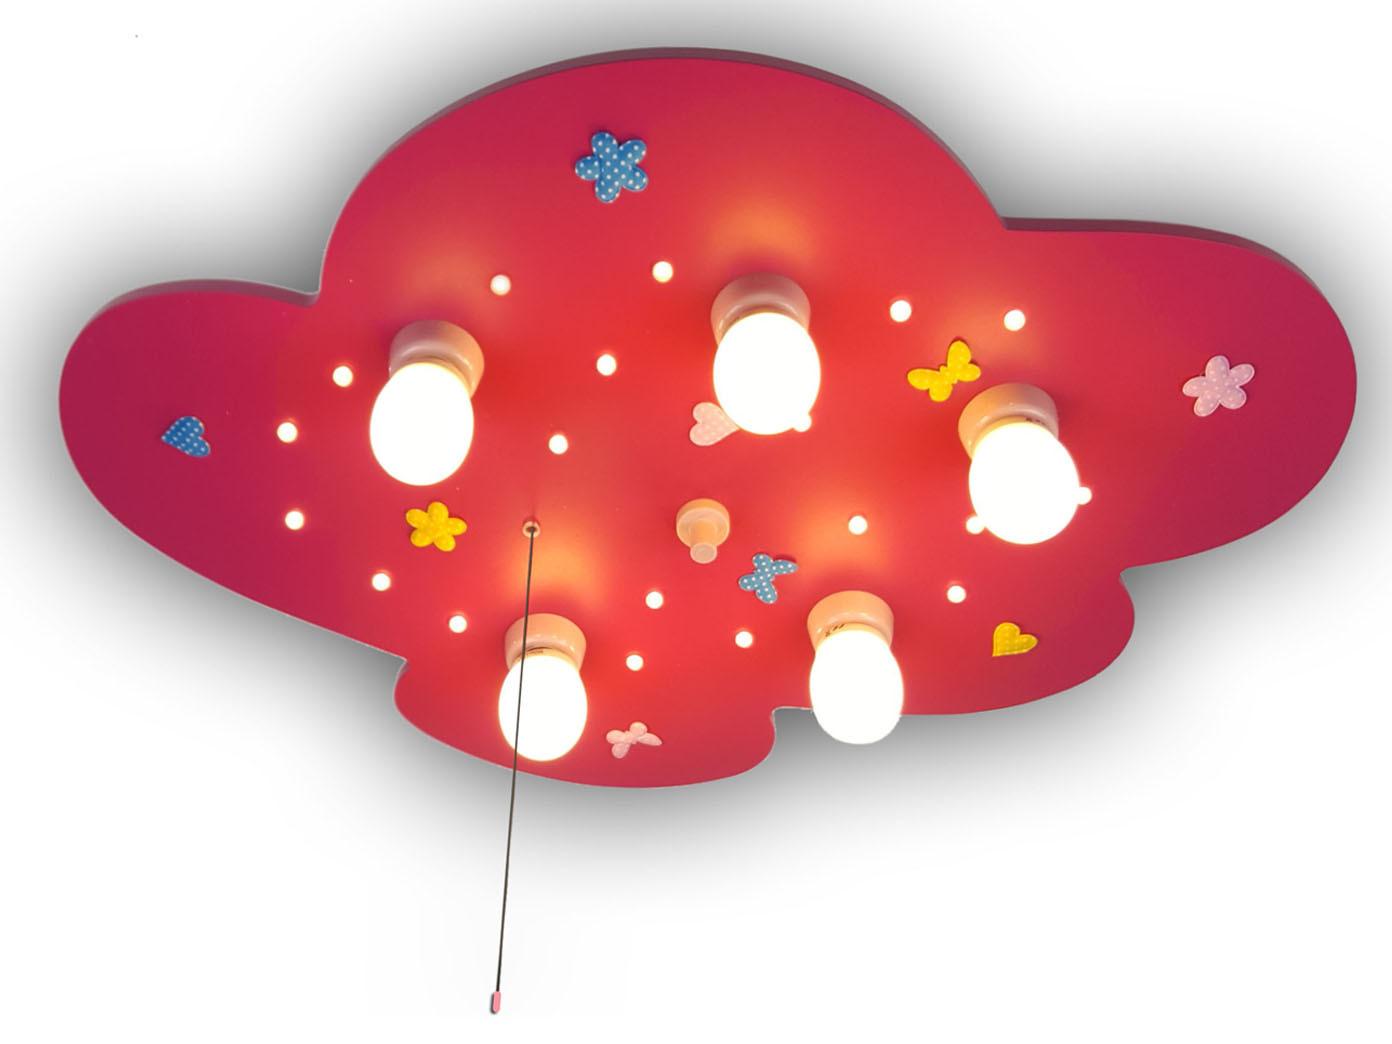 Led Madchen Deckenlampe Fur Kinderzimmer Stoffblumen Neu Amazon Echo Kompatibel